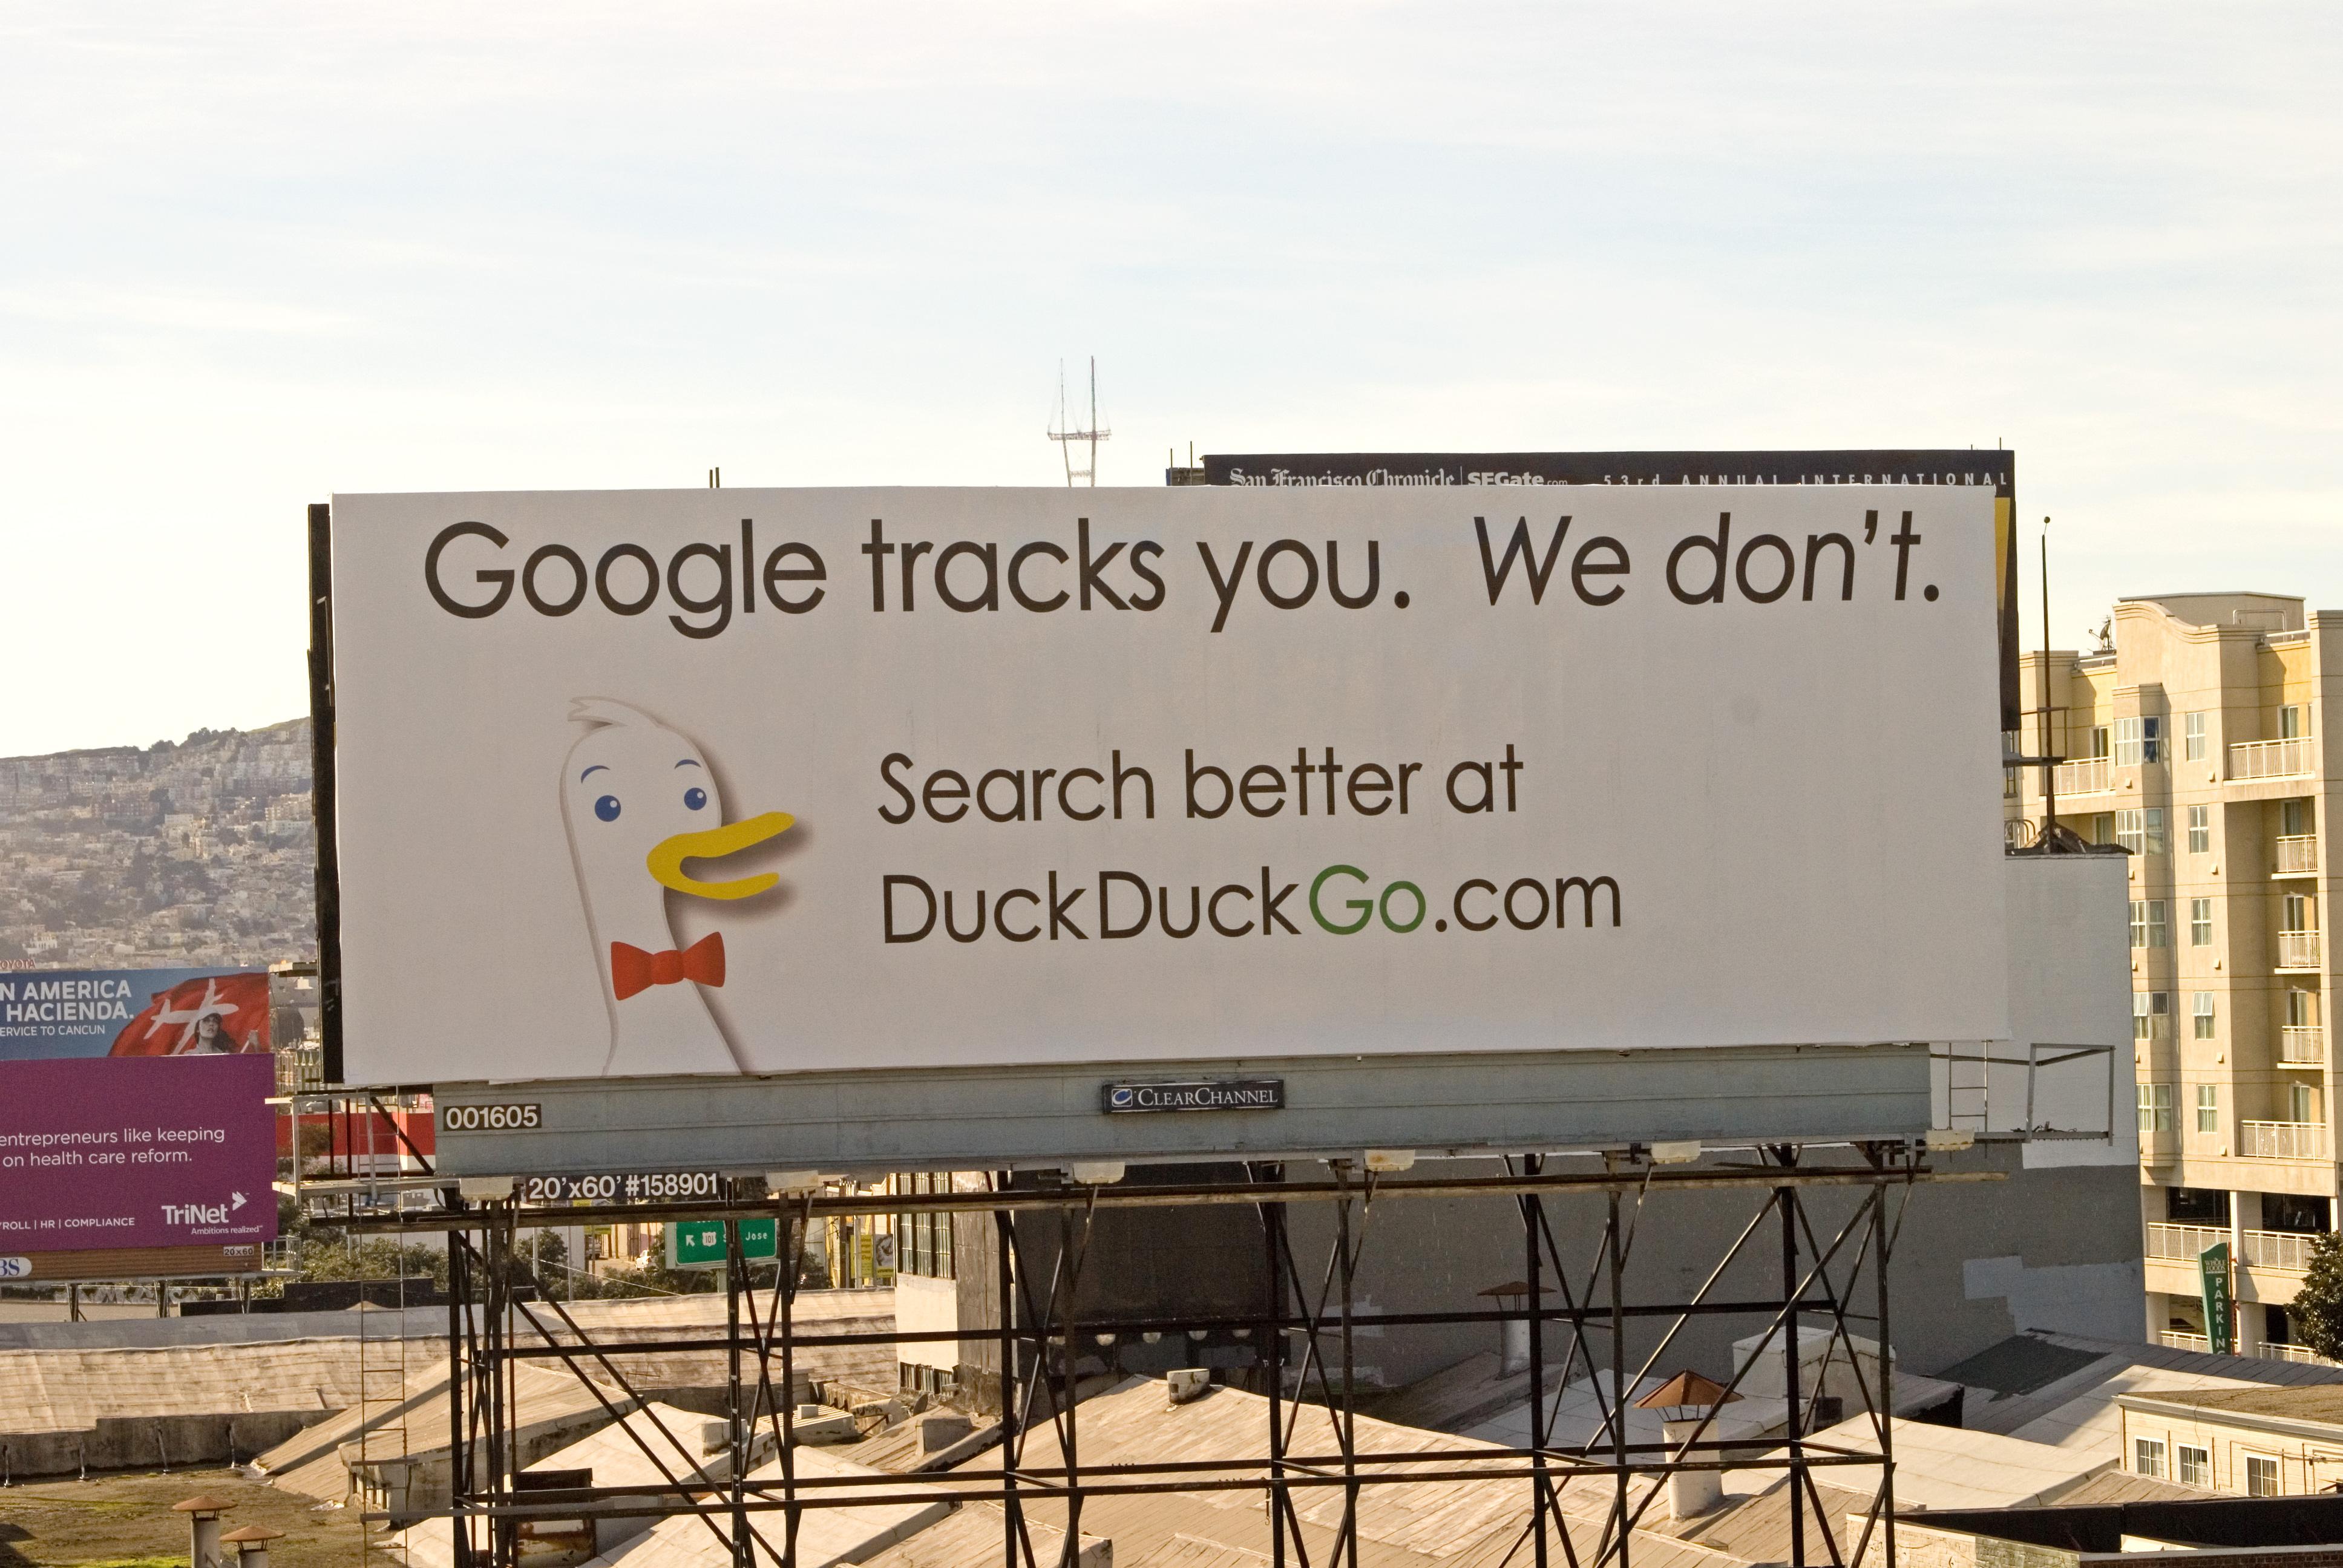 Вот так продвигал свой поисковик Вайнберг. Этот билборд висел в Сан-Франциско, и Гэбриелу это обходилось в 7 000 $ в месяц.